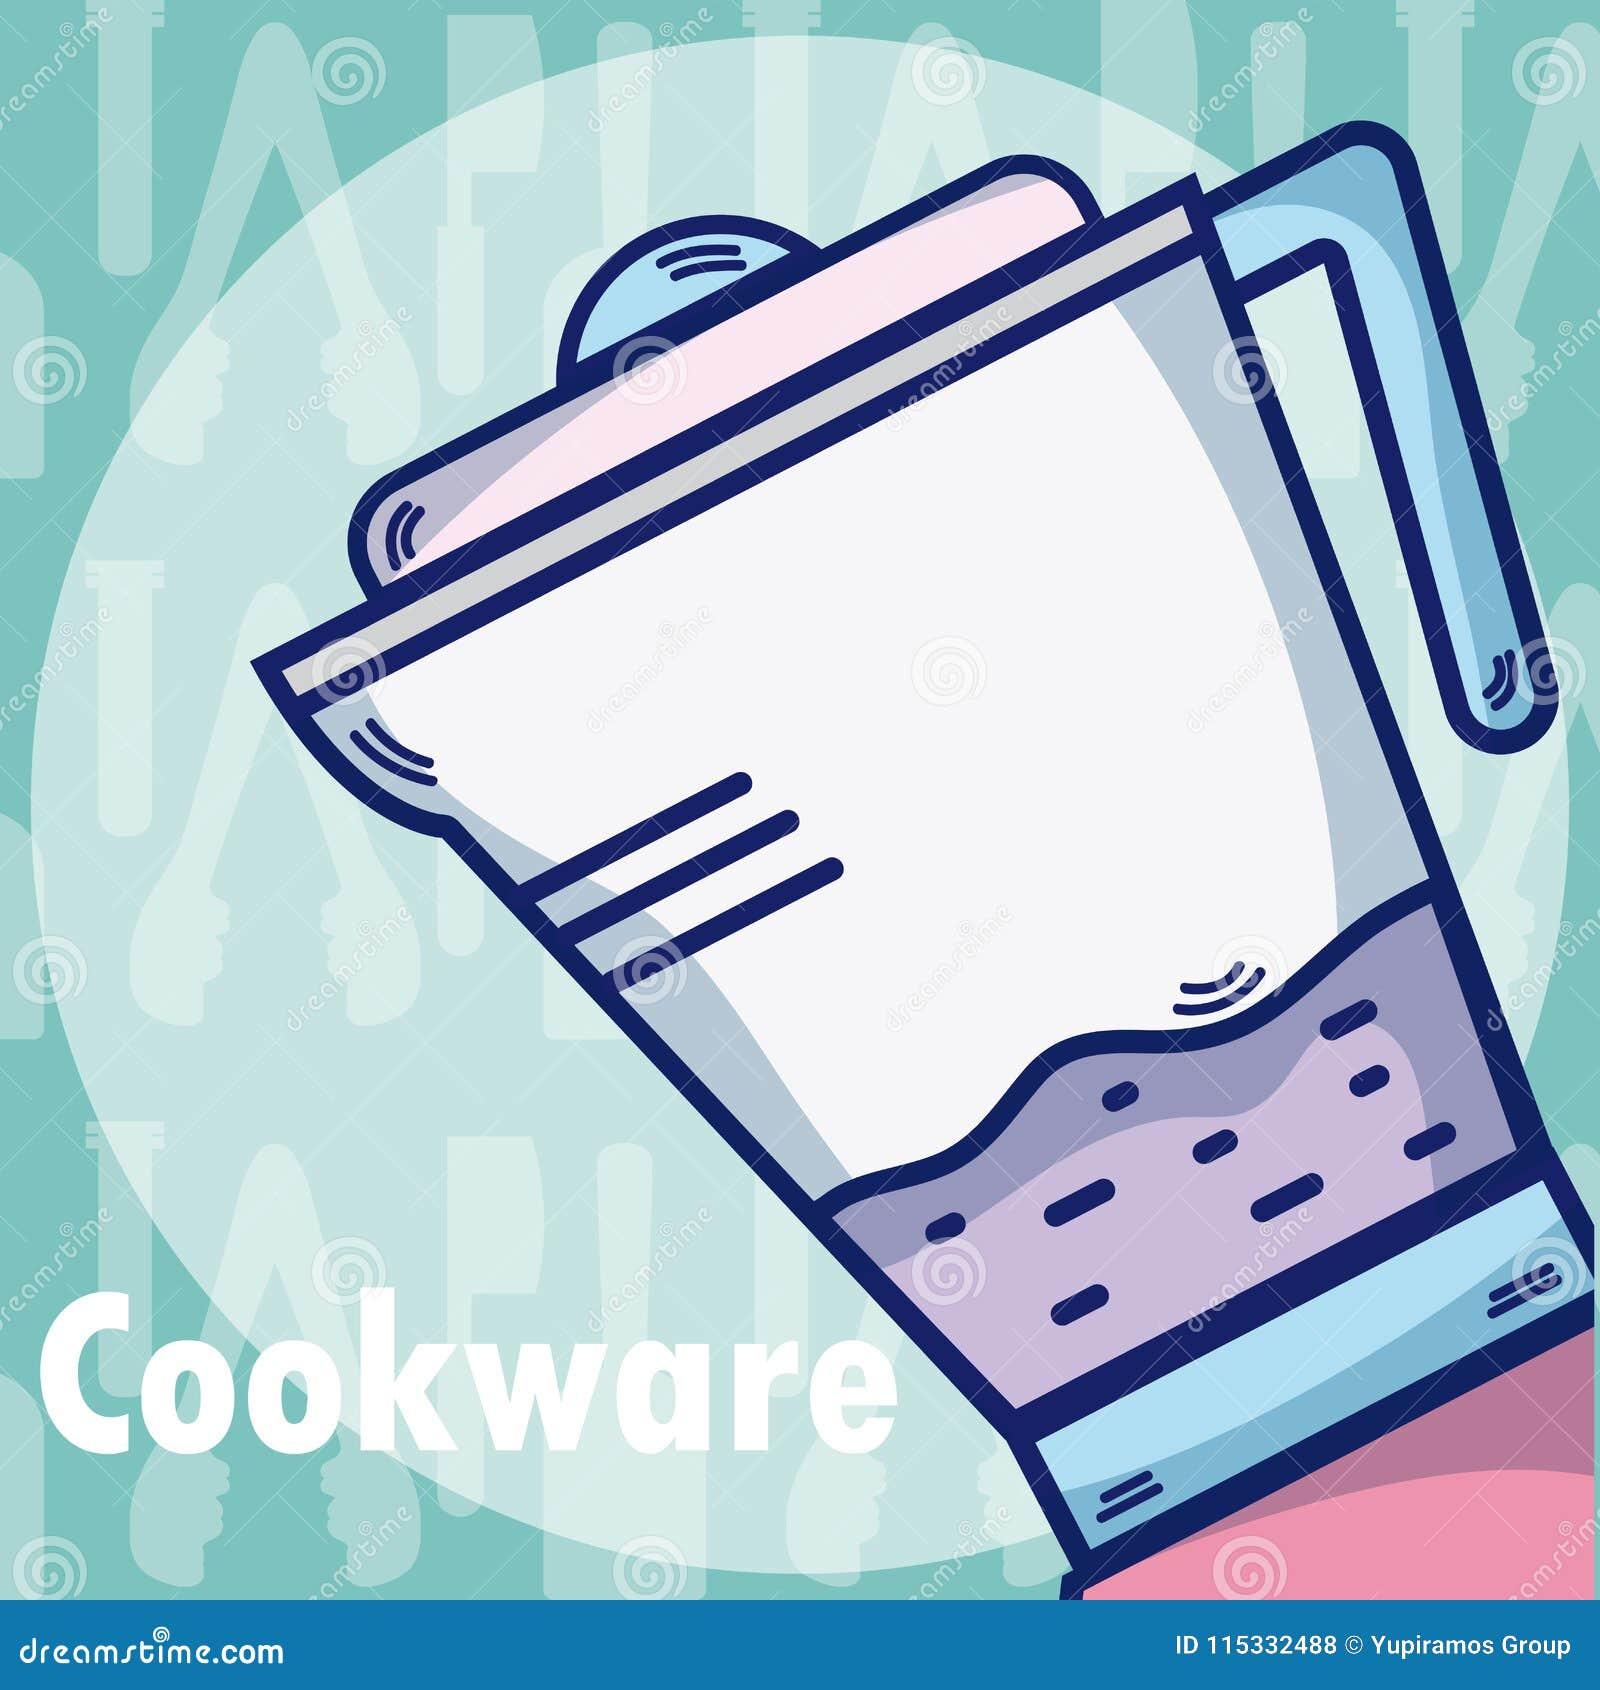 Blender Kitchen equipment stock vector  Illustration of